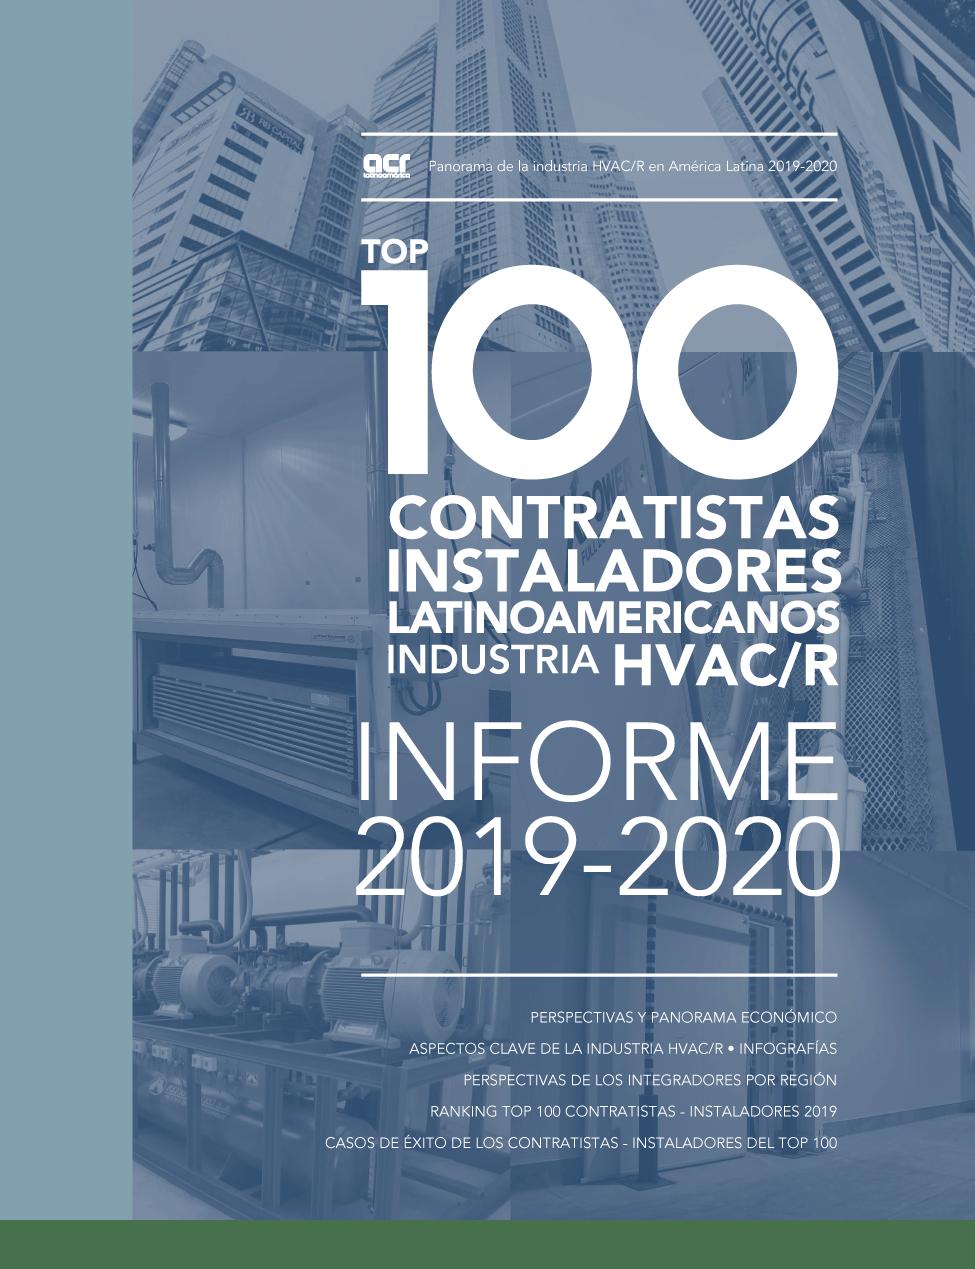 TOP 100 CONTRATISTAS EN HVACR • 2019-2020 Image